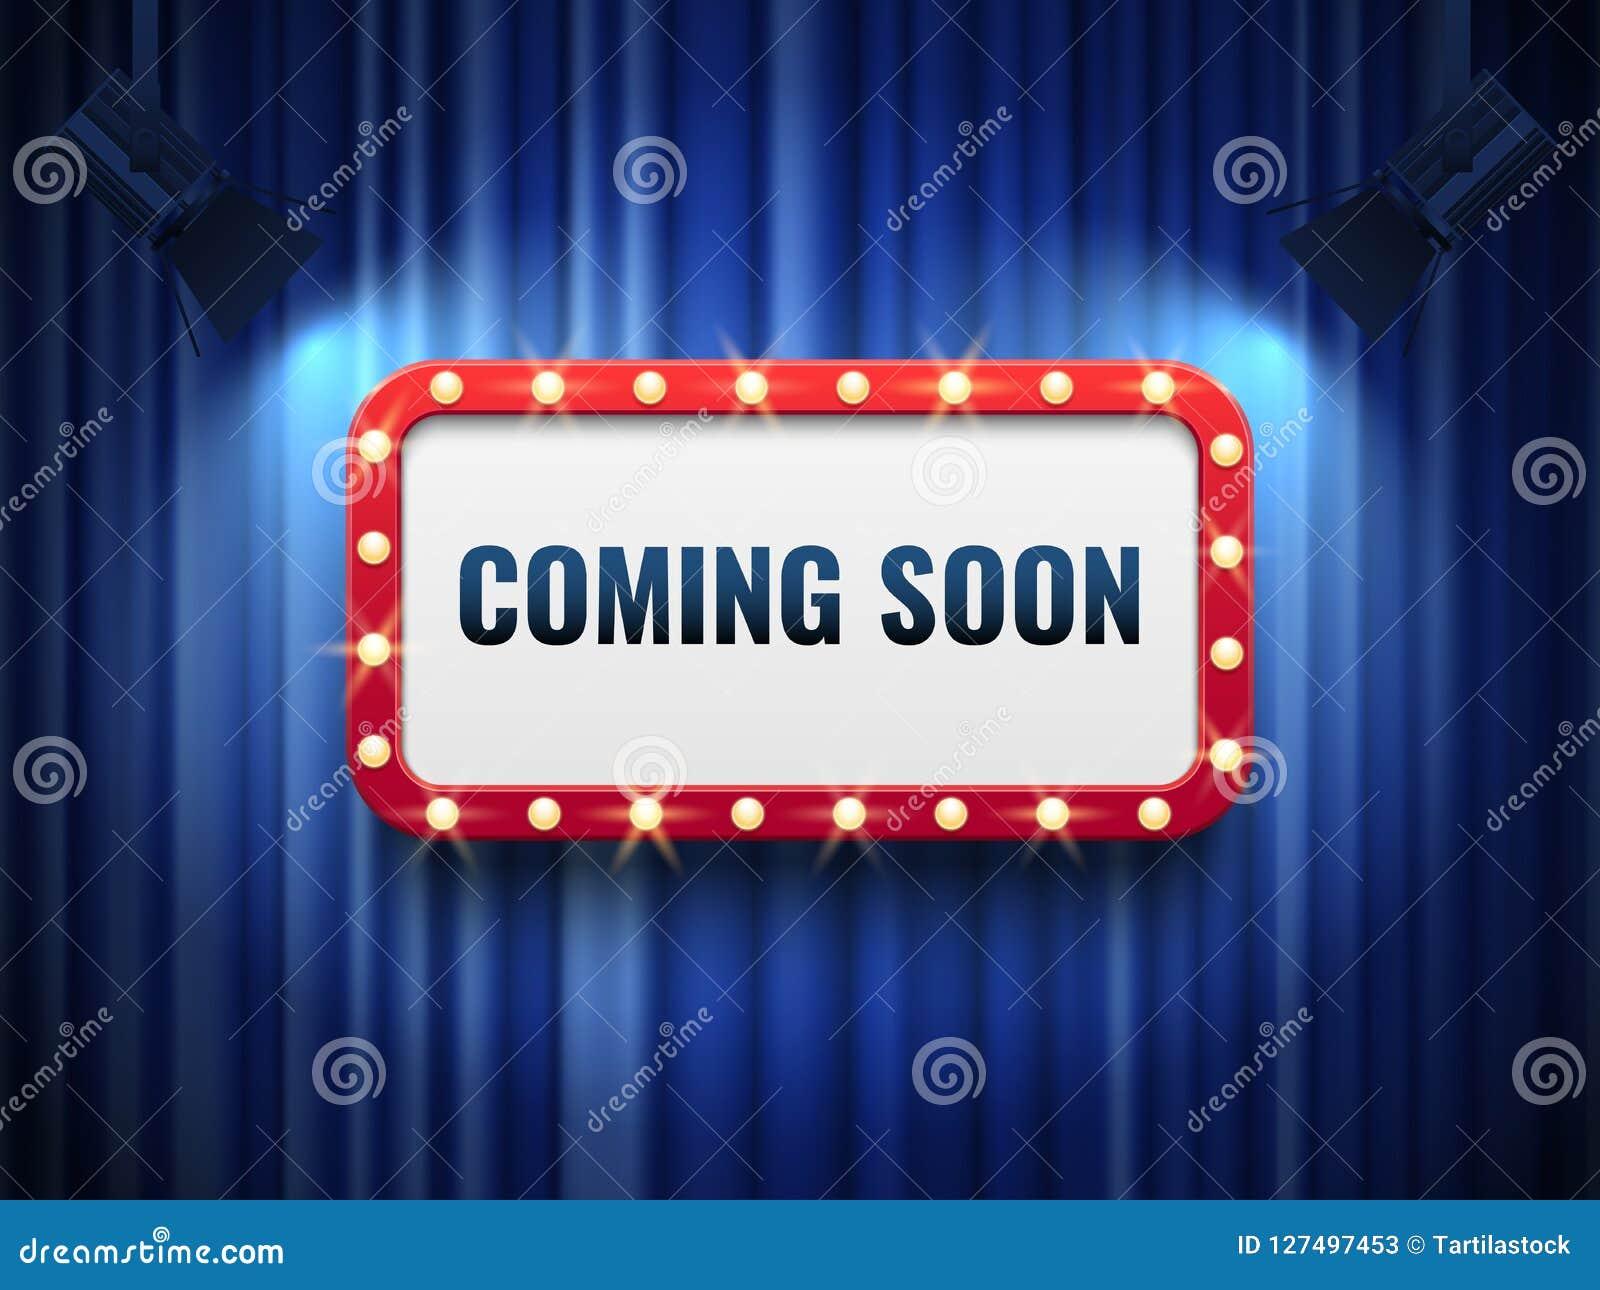 Bakgrund som snart kommer det speciala meddelandebegreppet med blåttgardiner, strålkastare och den ljusa stort festtält underteck